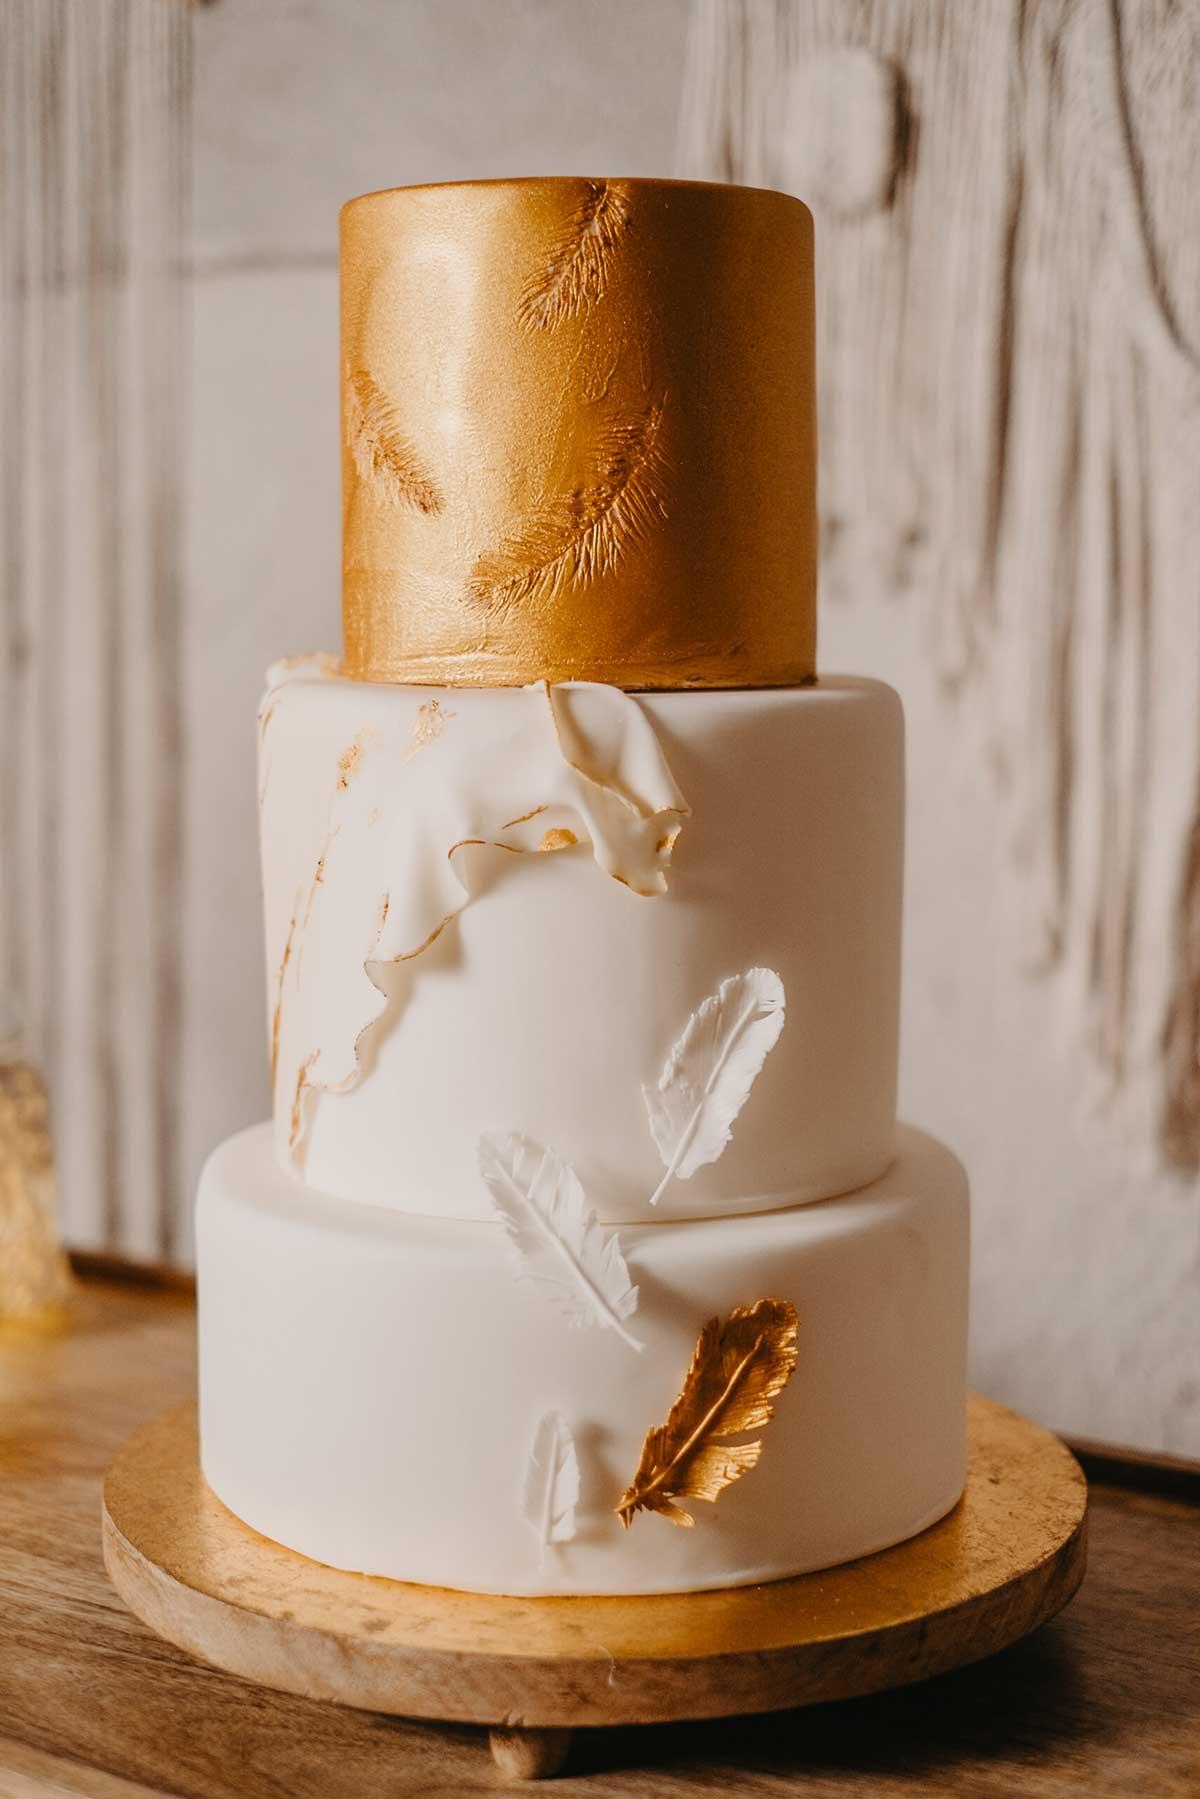 Hochzeitstorte in Gold und Weiß mit Federn